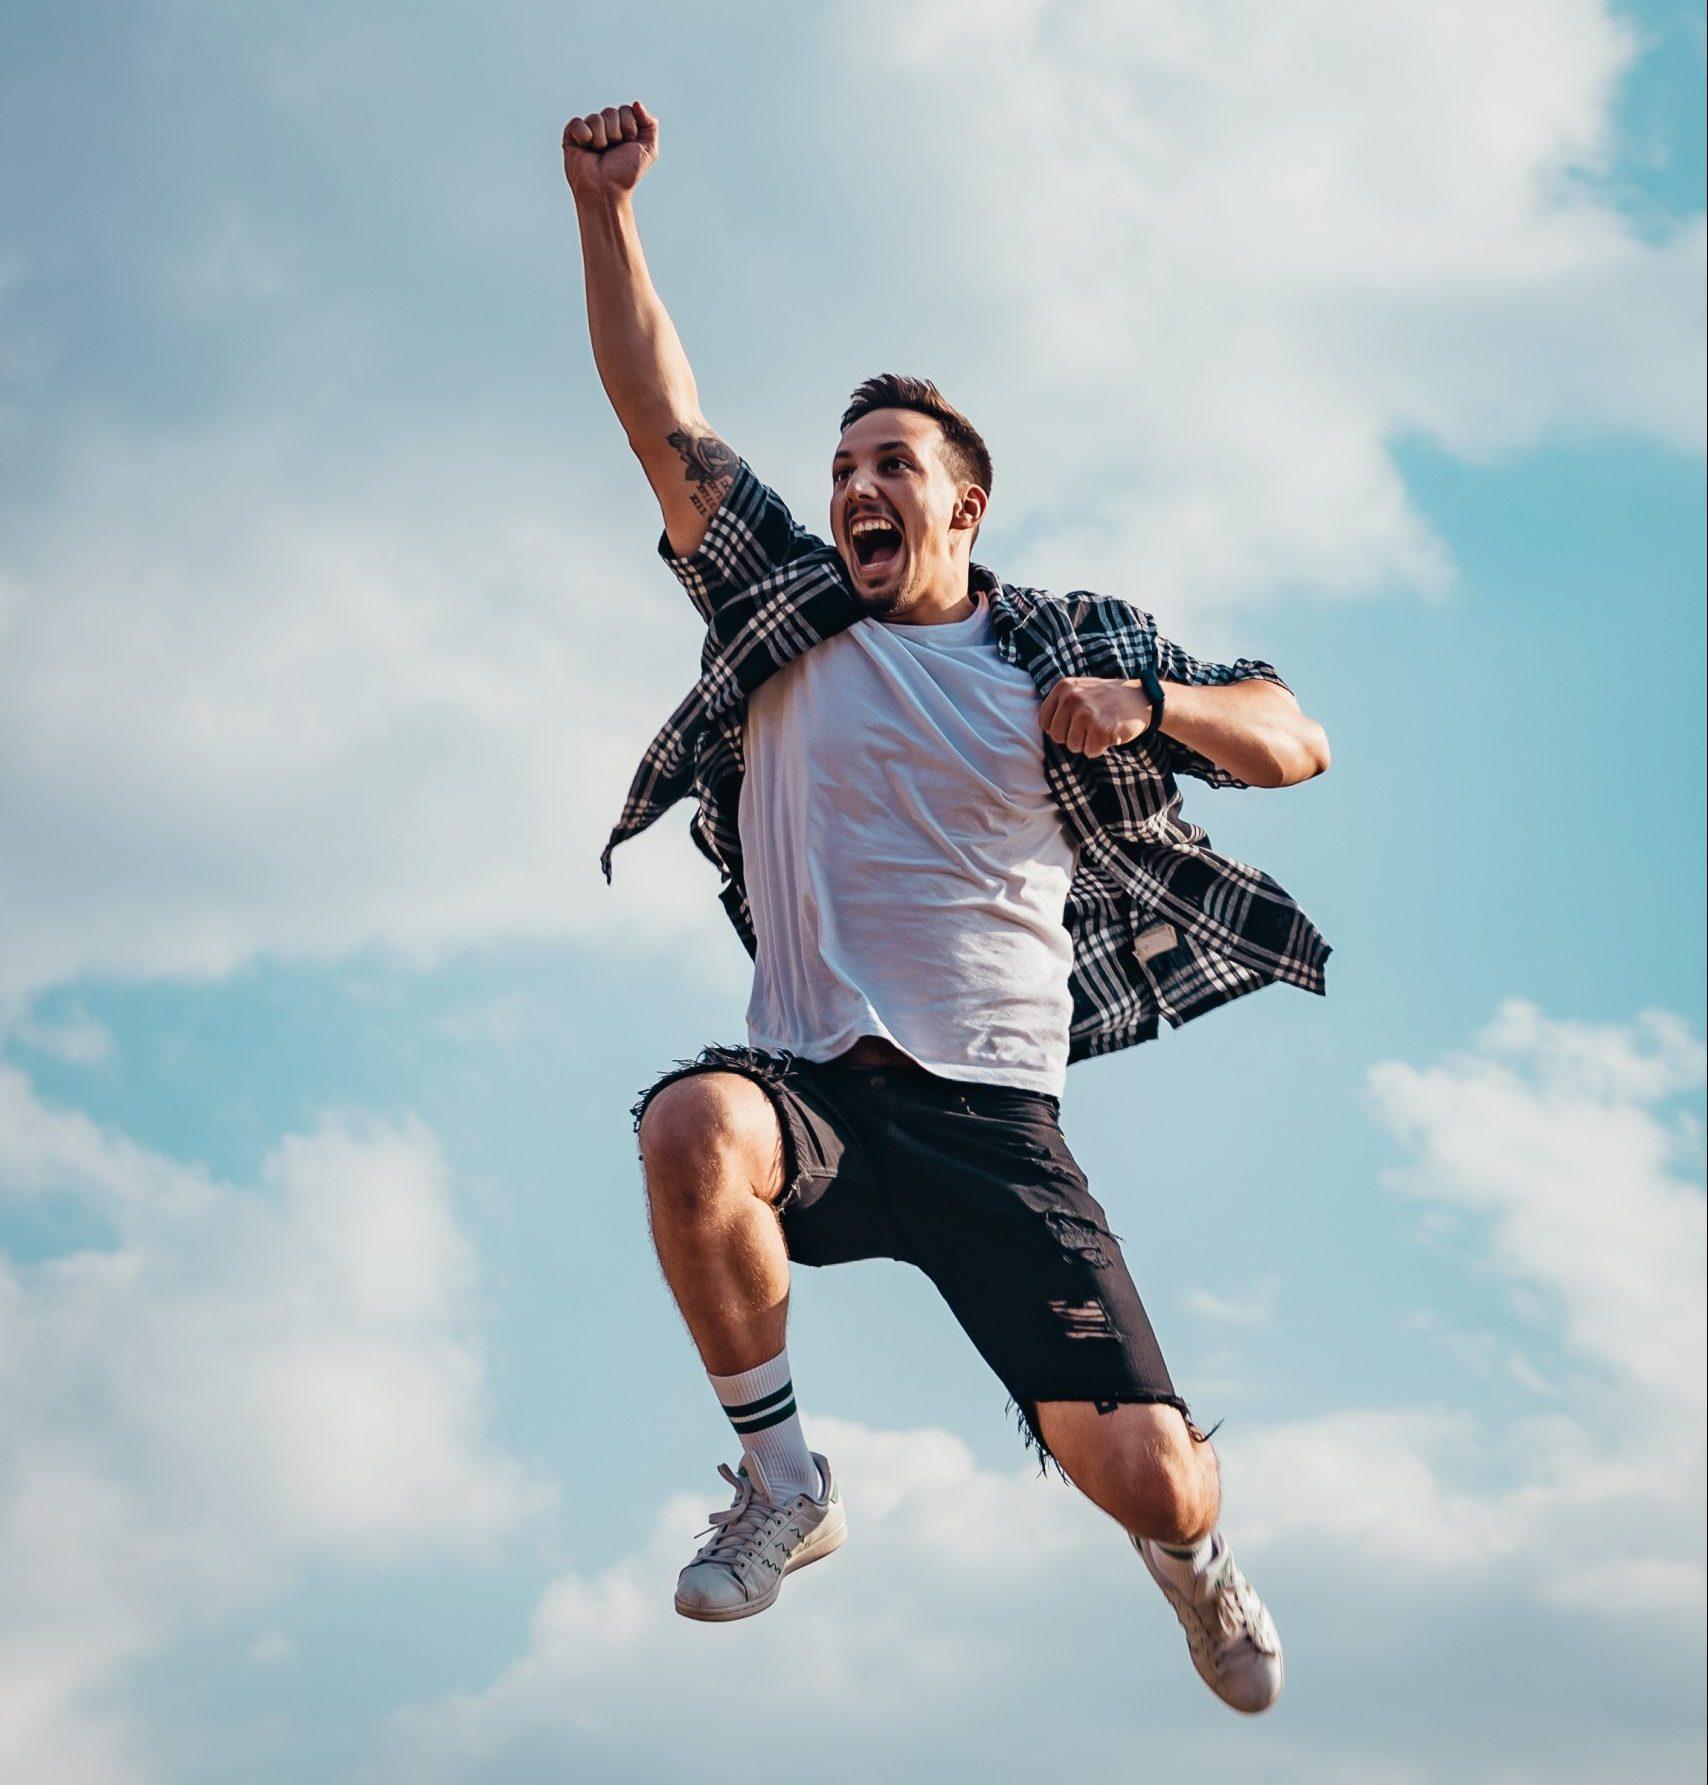 homme-heureux-saute-vers-le-ciel-le-poing-levé